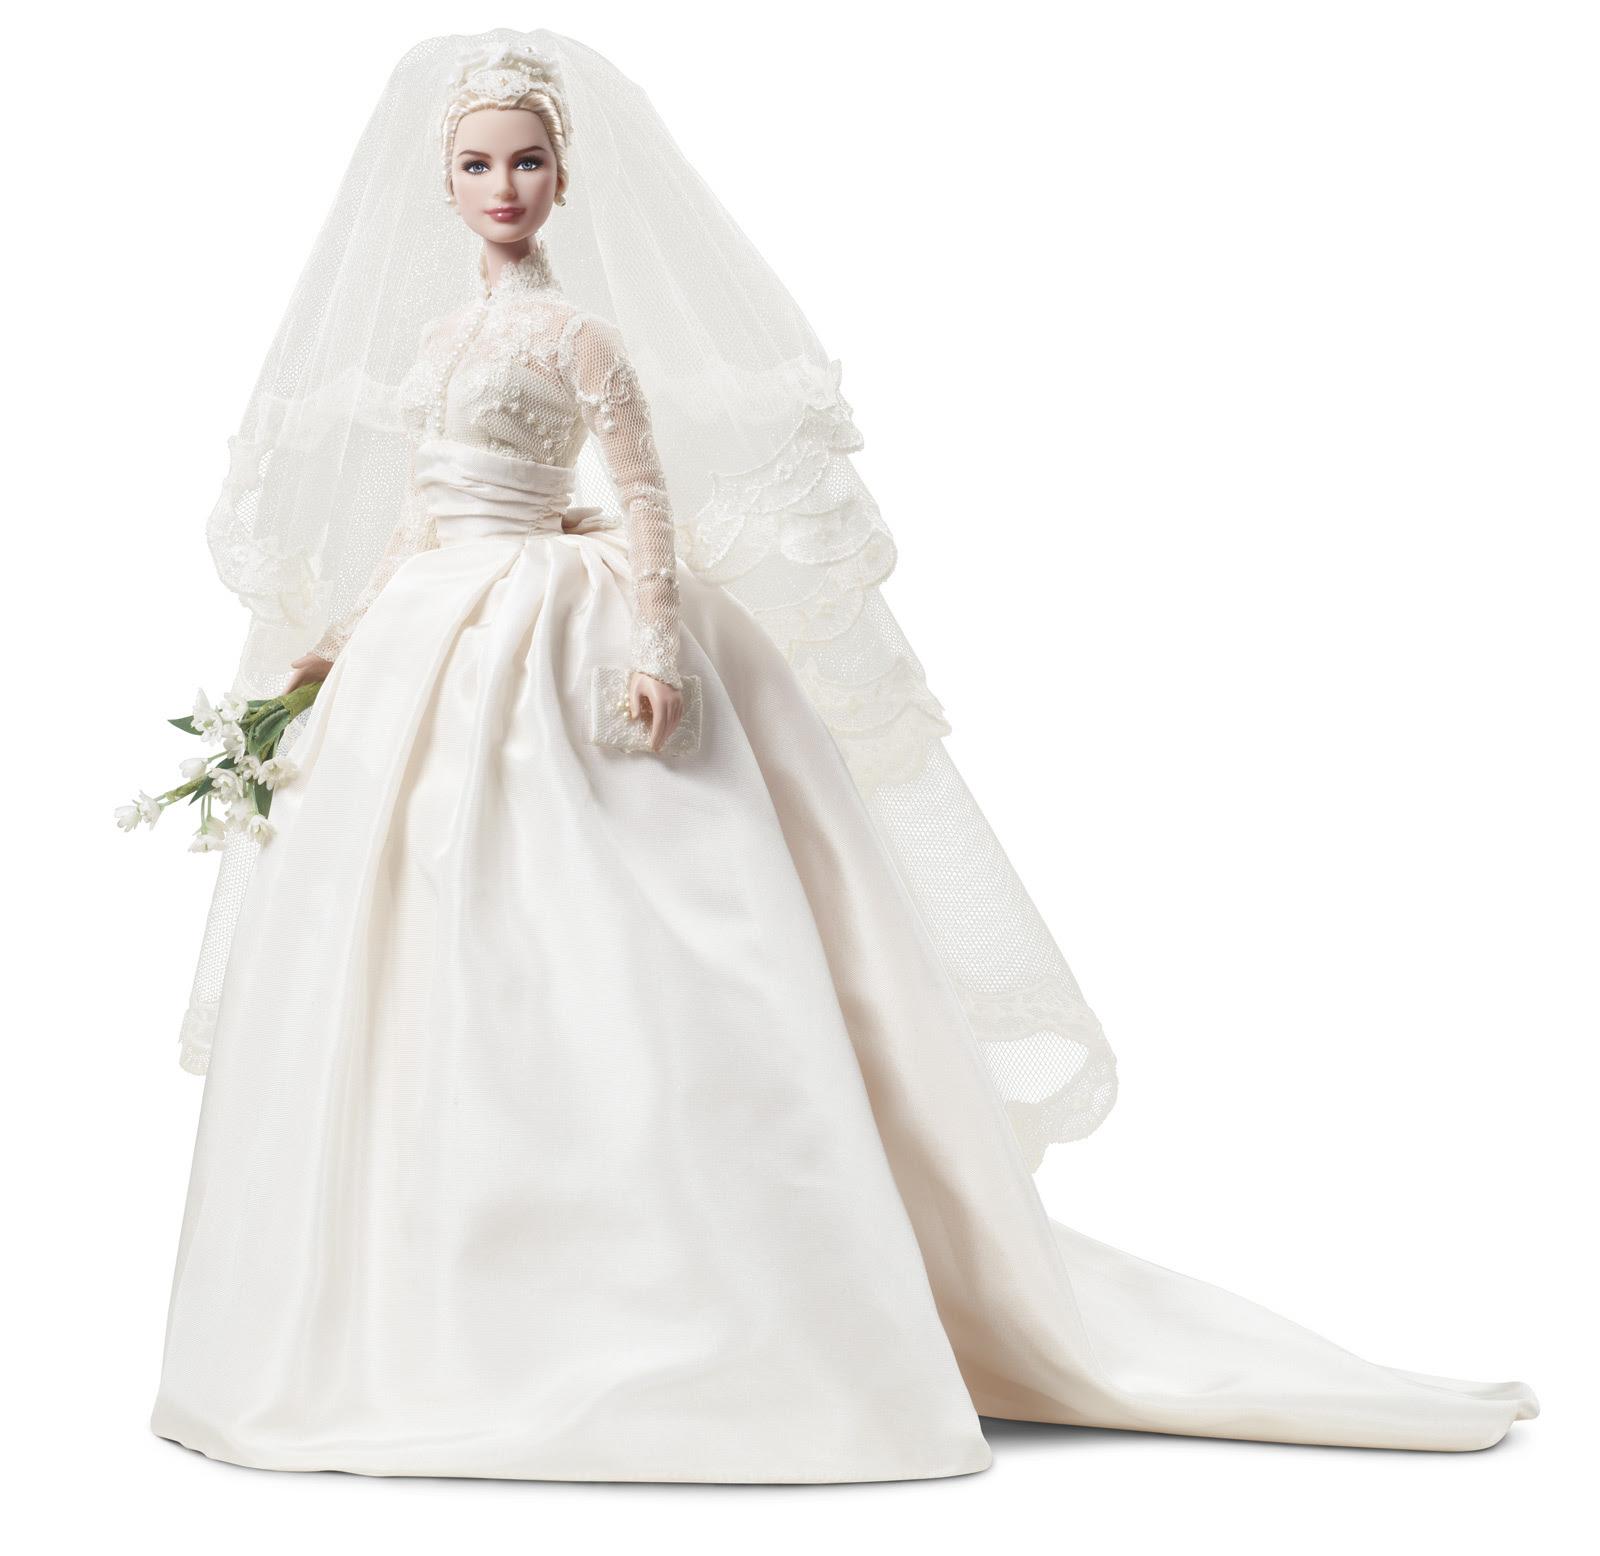 Indah gambar boneka barbie muslim